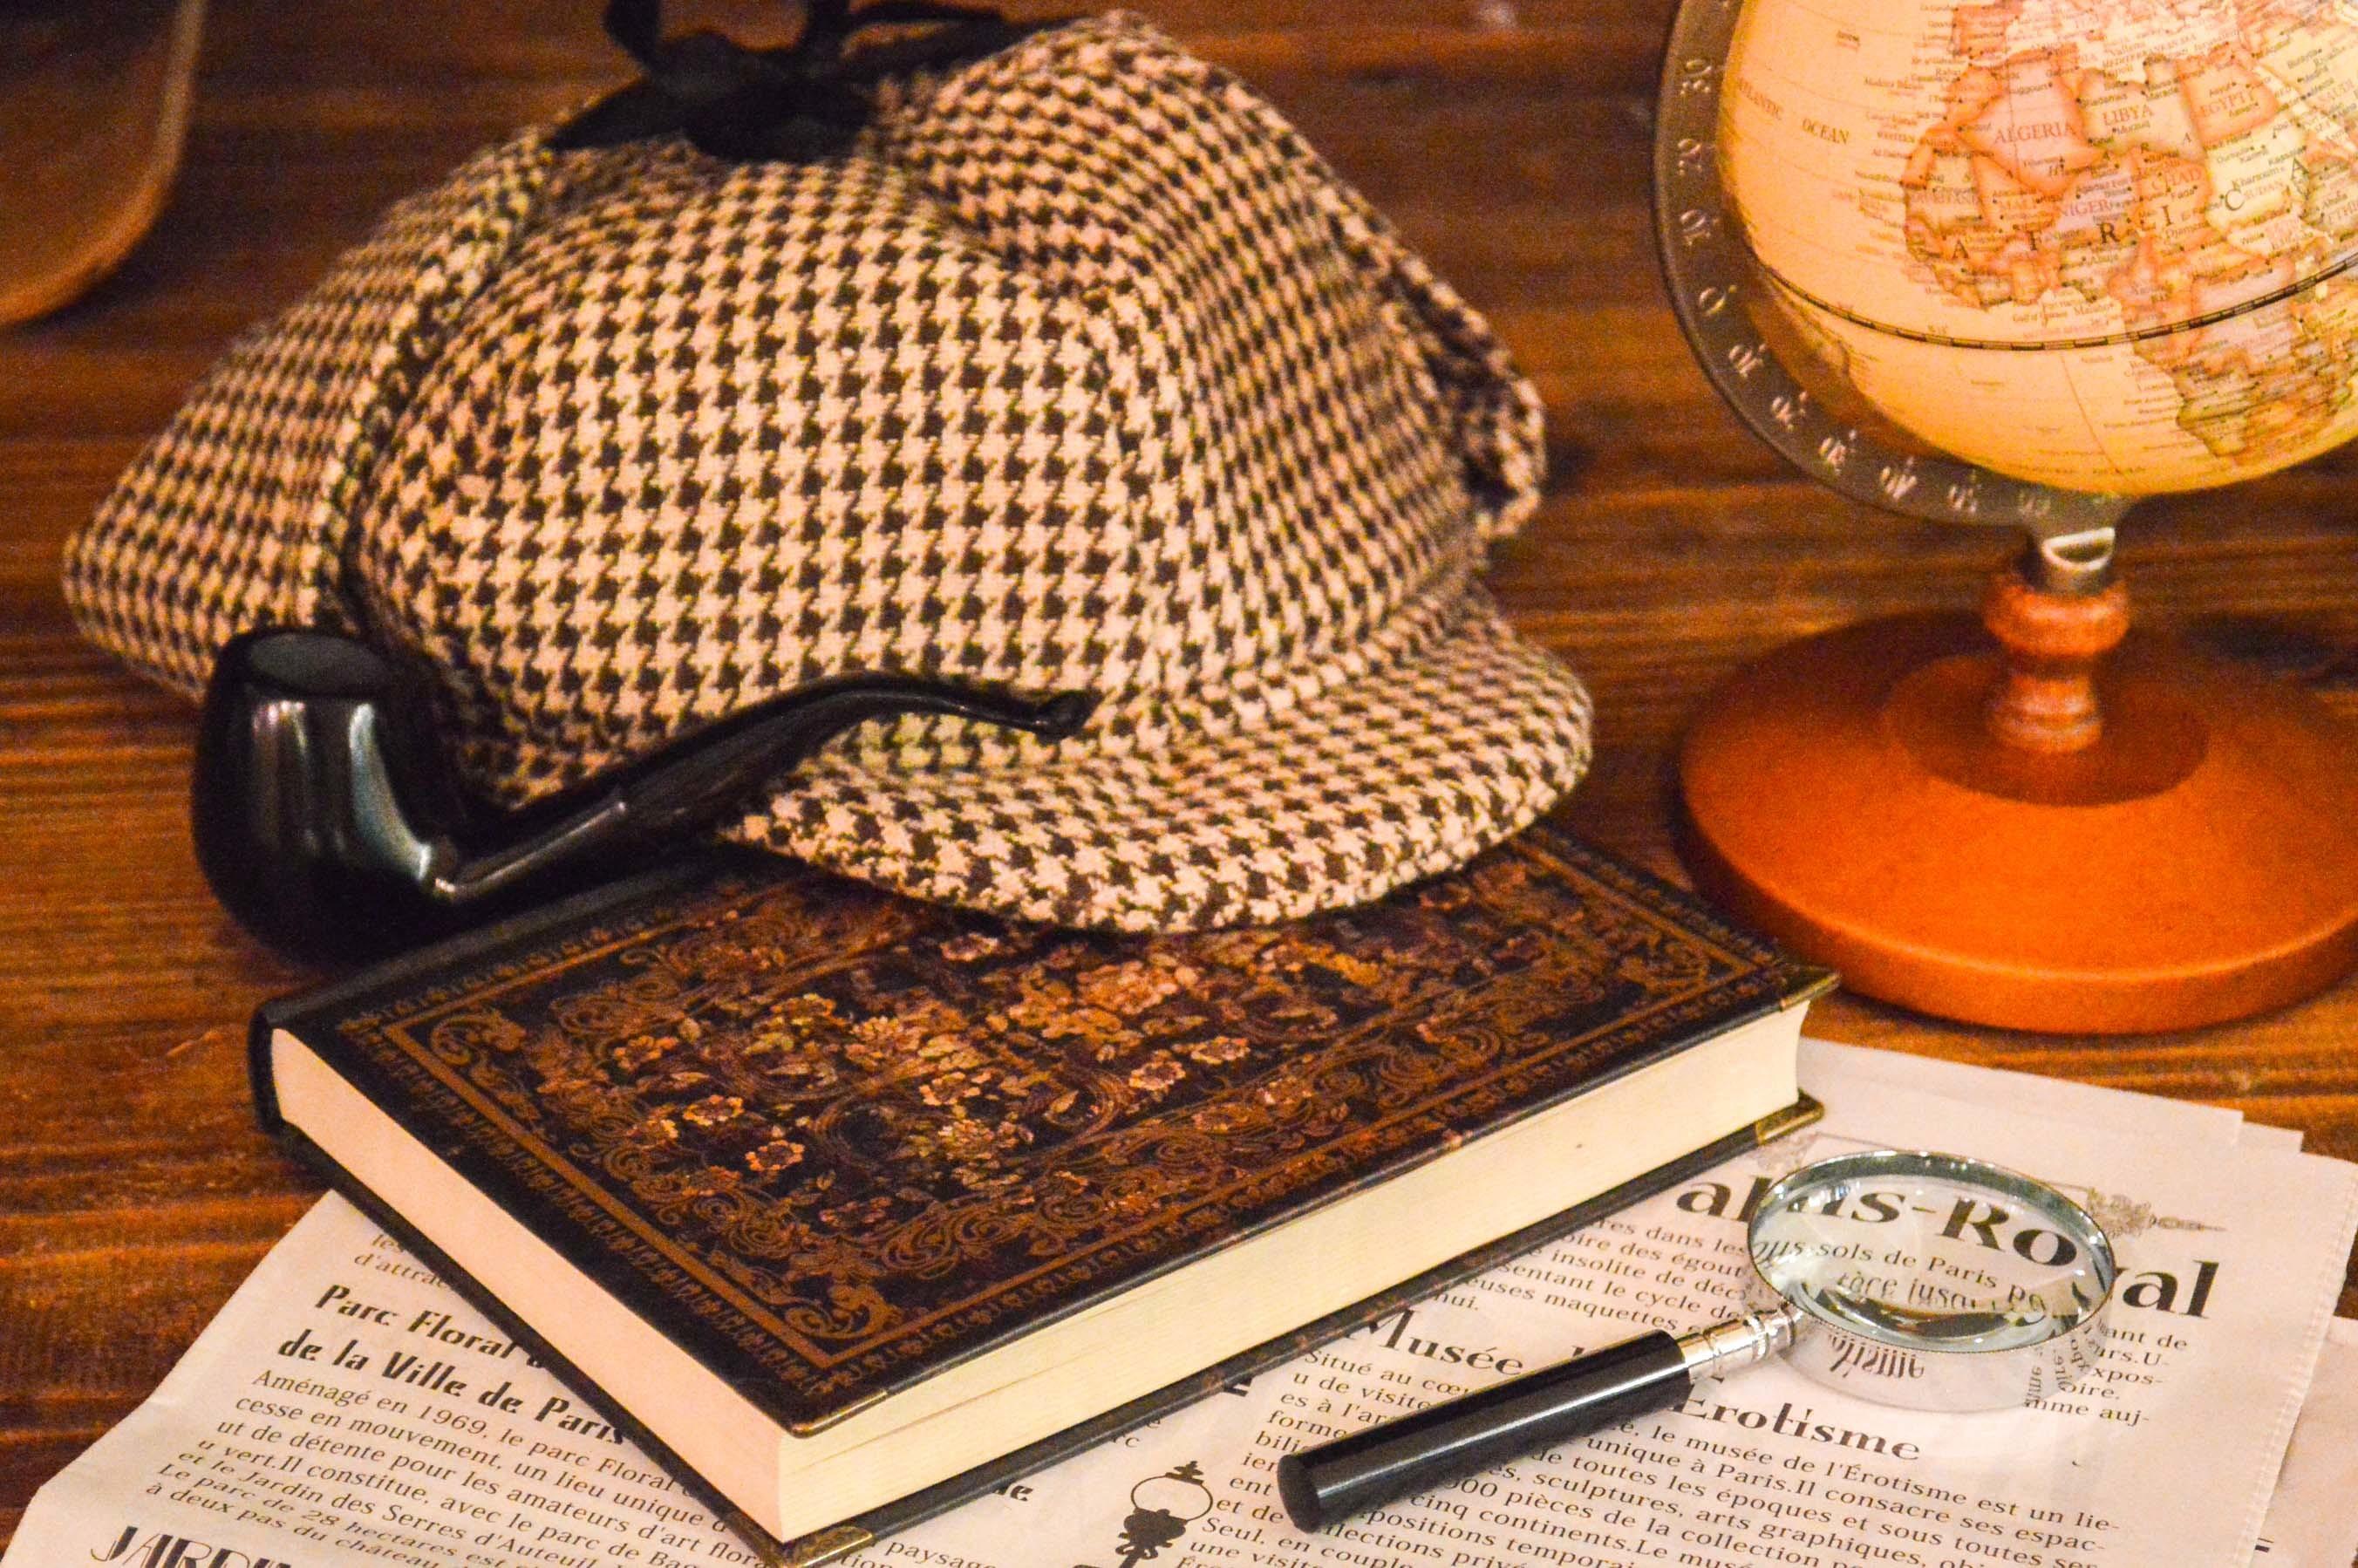 おふろミステリー4『追憶の街角 ~狙われた探偵ルーム~』